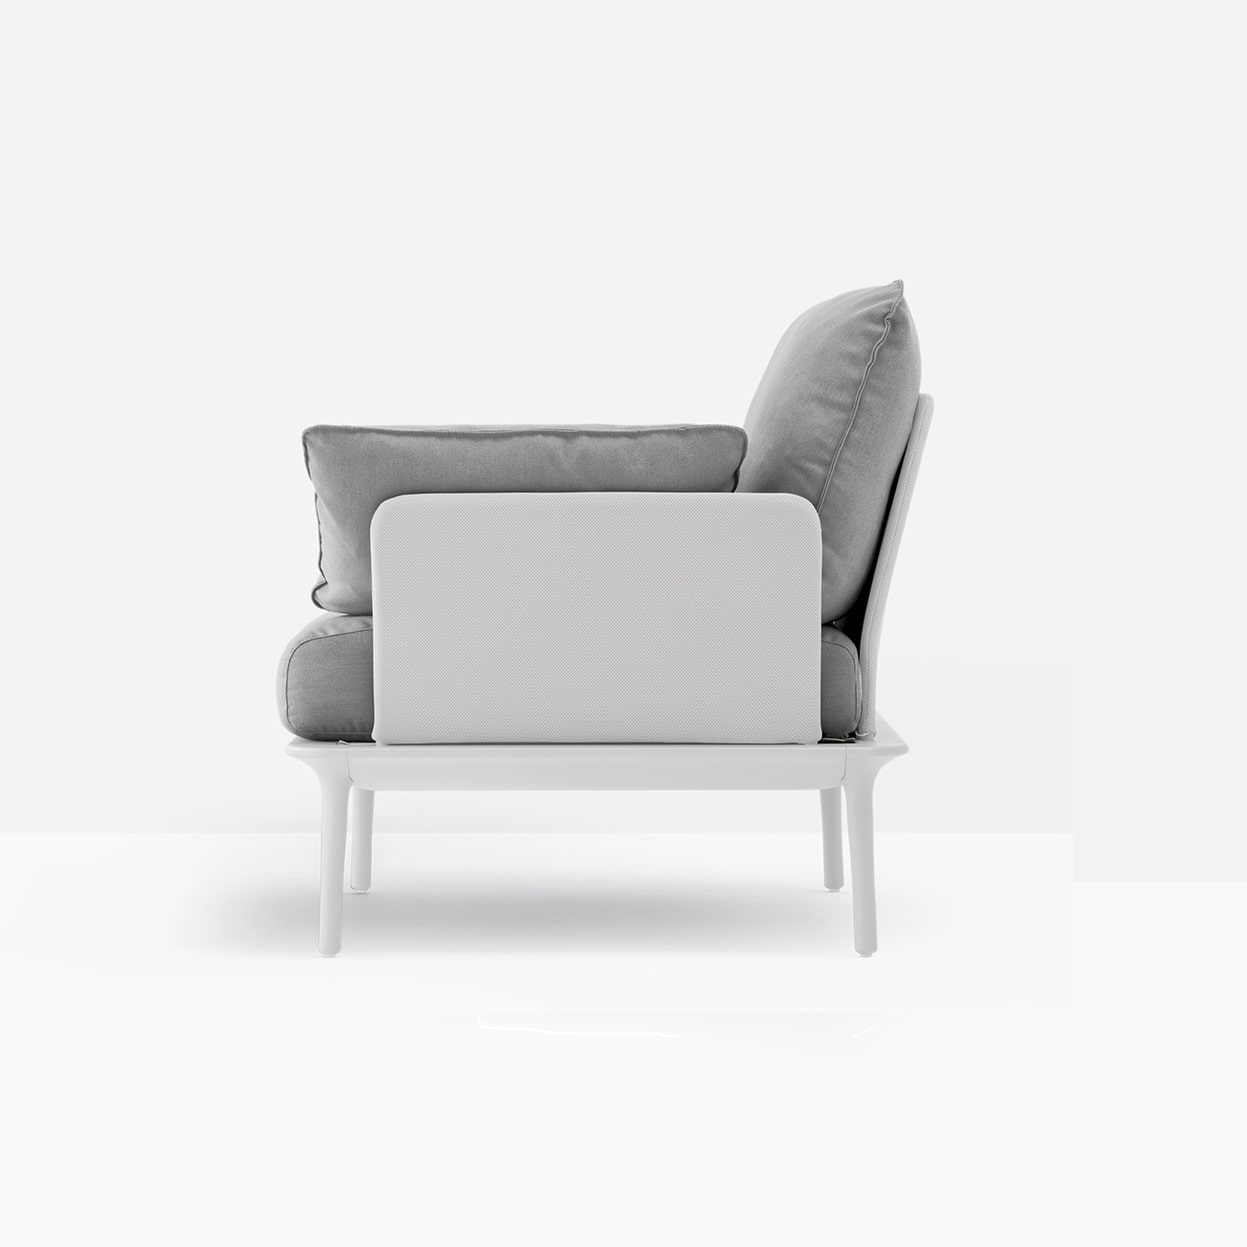 sillón.individual.reva.lounge